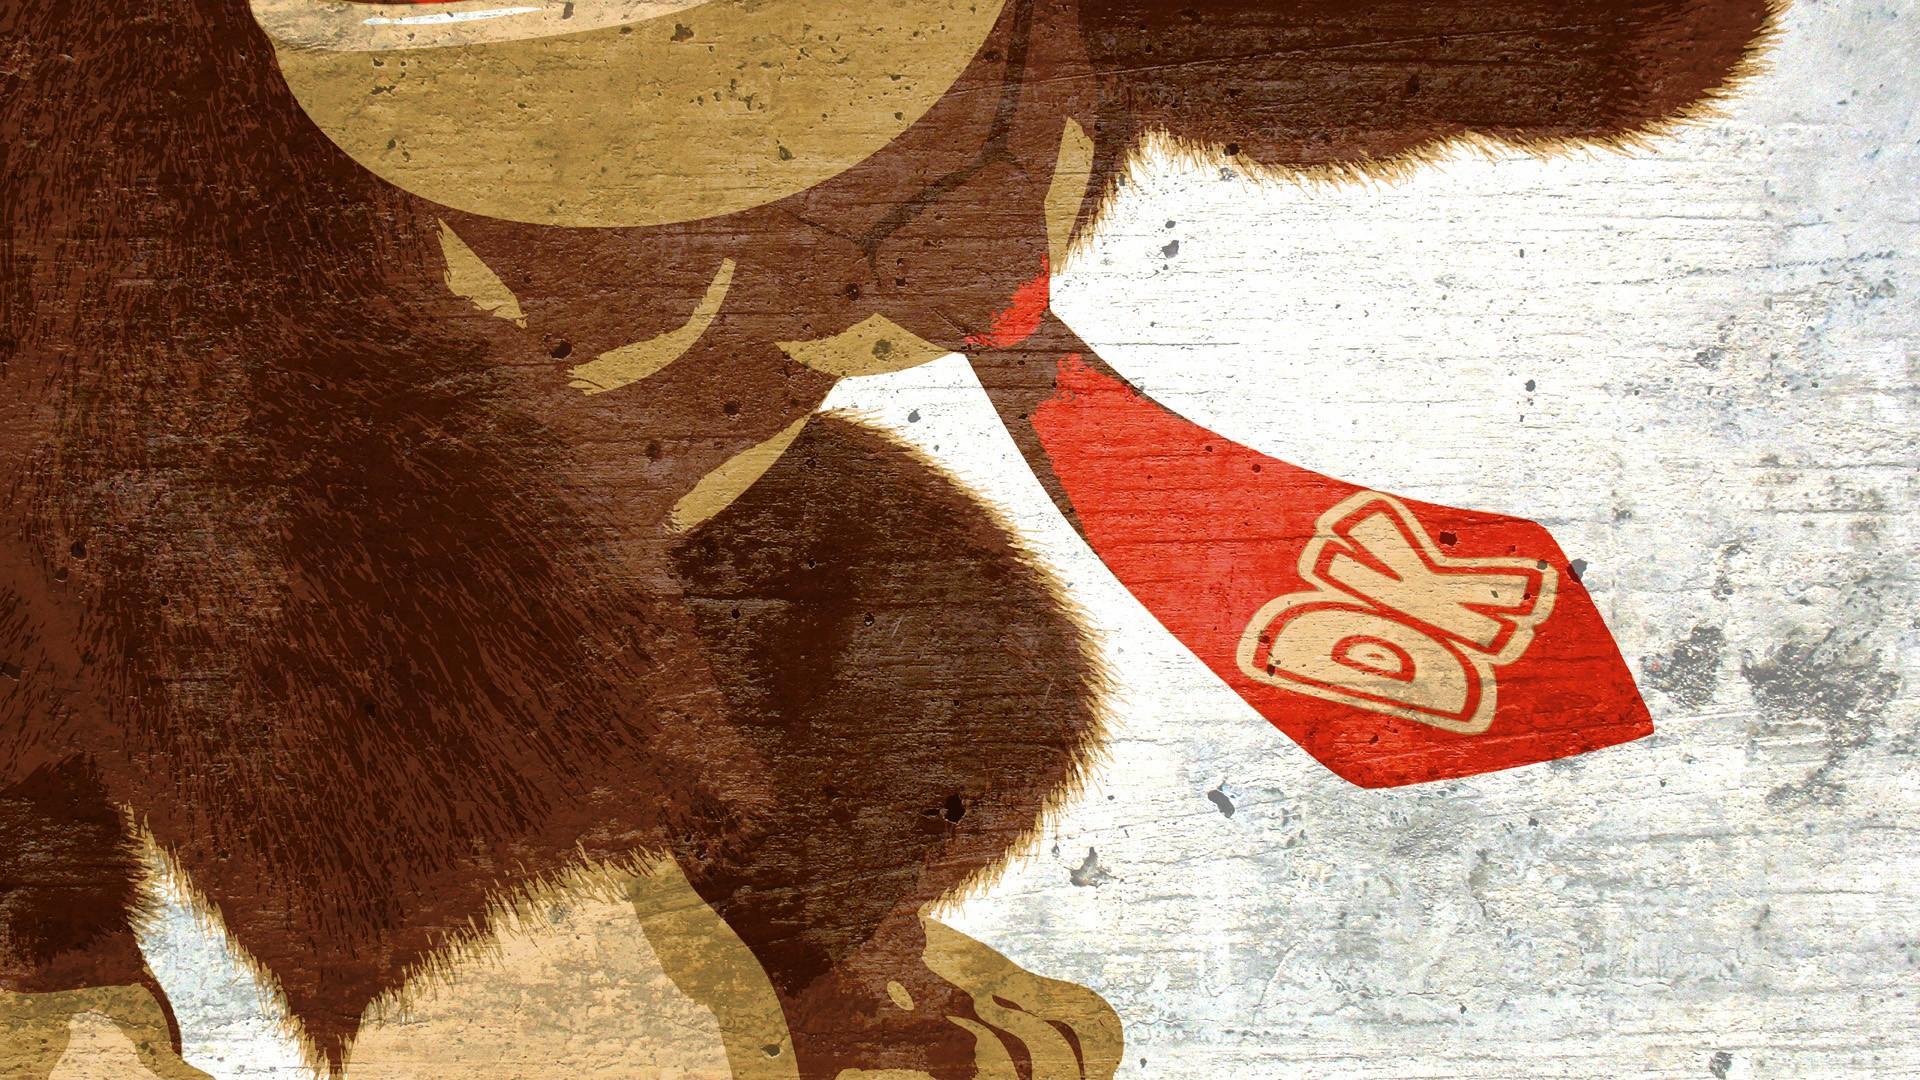 Fondos De Pantalla Ilustración Videojuegos Rojo Donkey